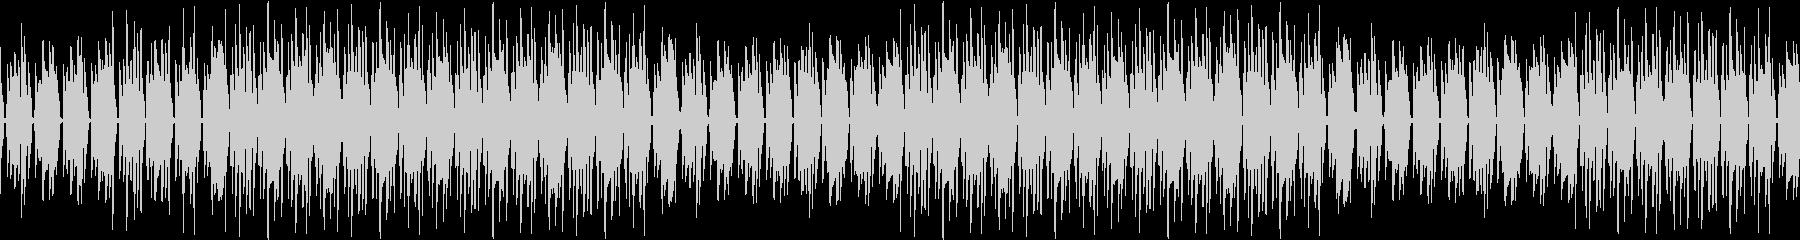 ギター・ブルース・渋い・煙草・ループの未再生の波形